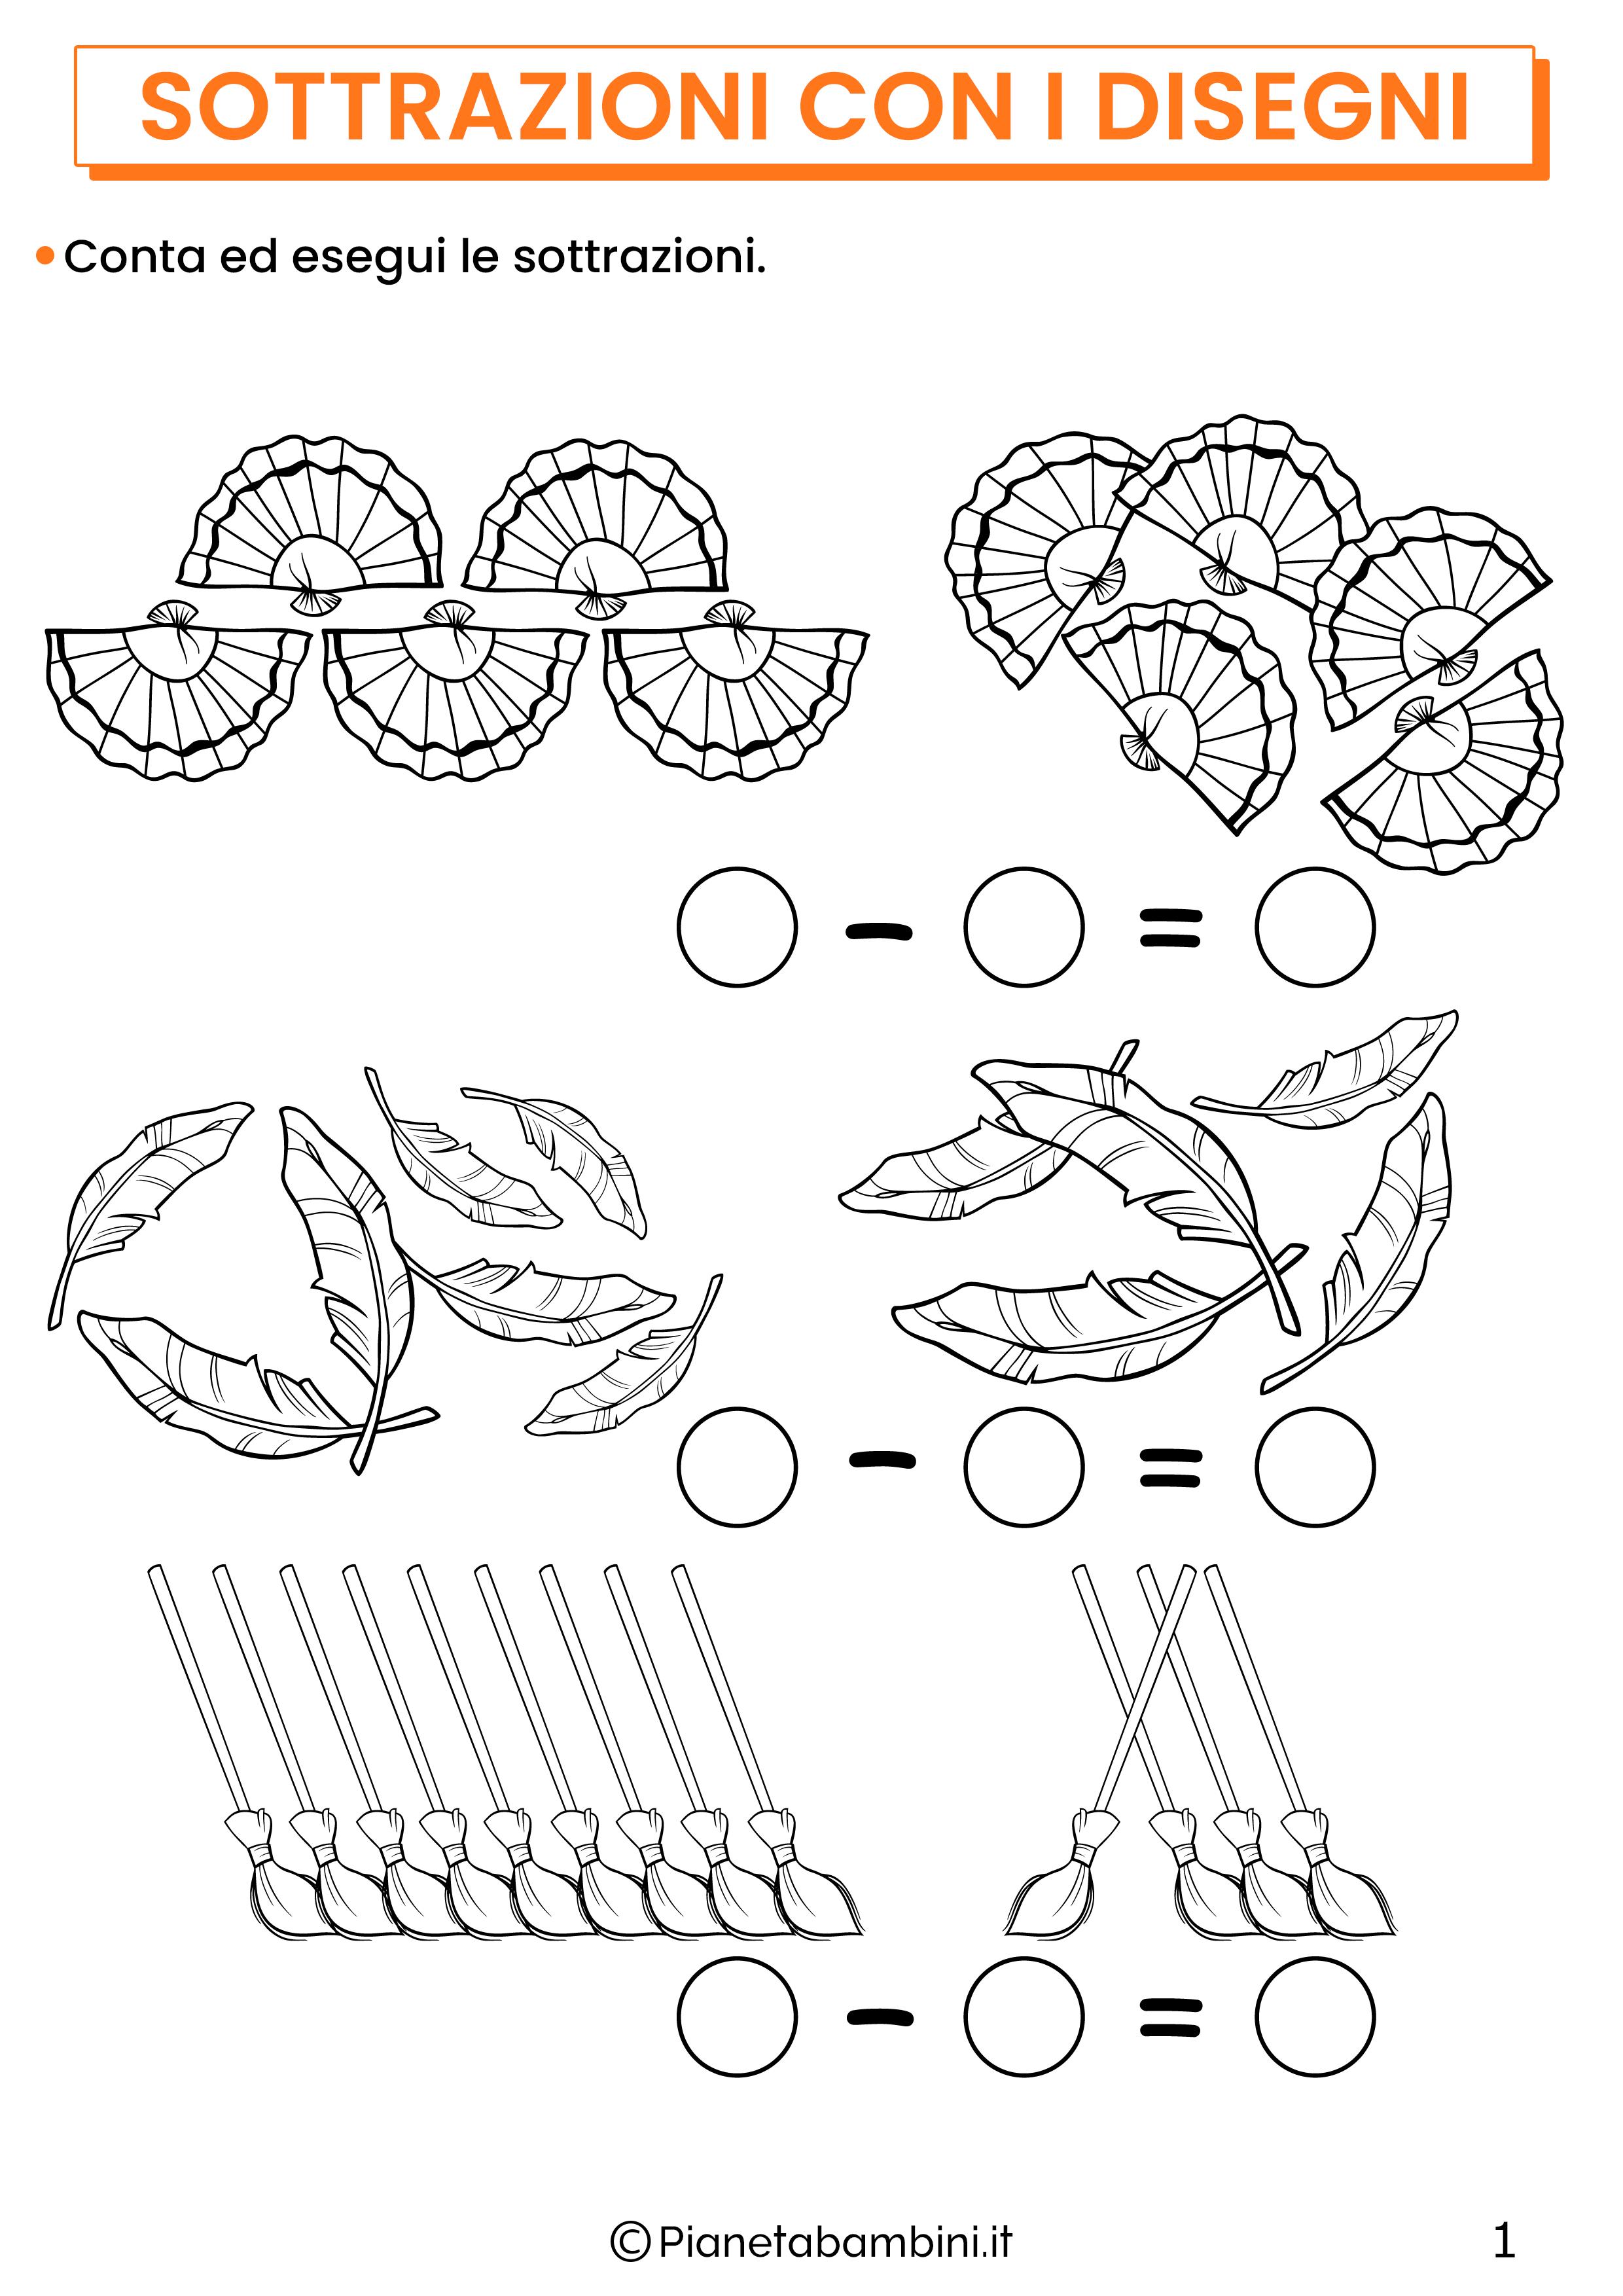 Sottrazioni con disegni per la classe prima pagina 1